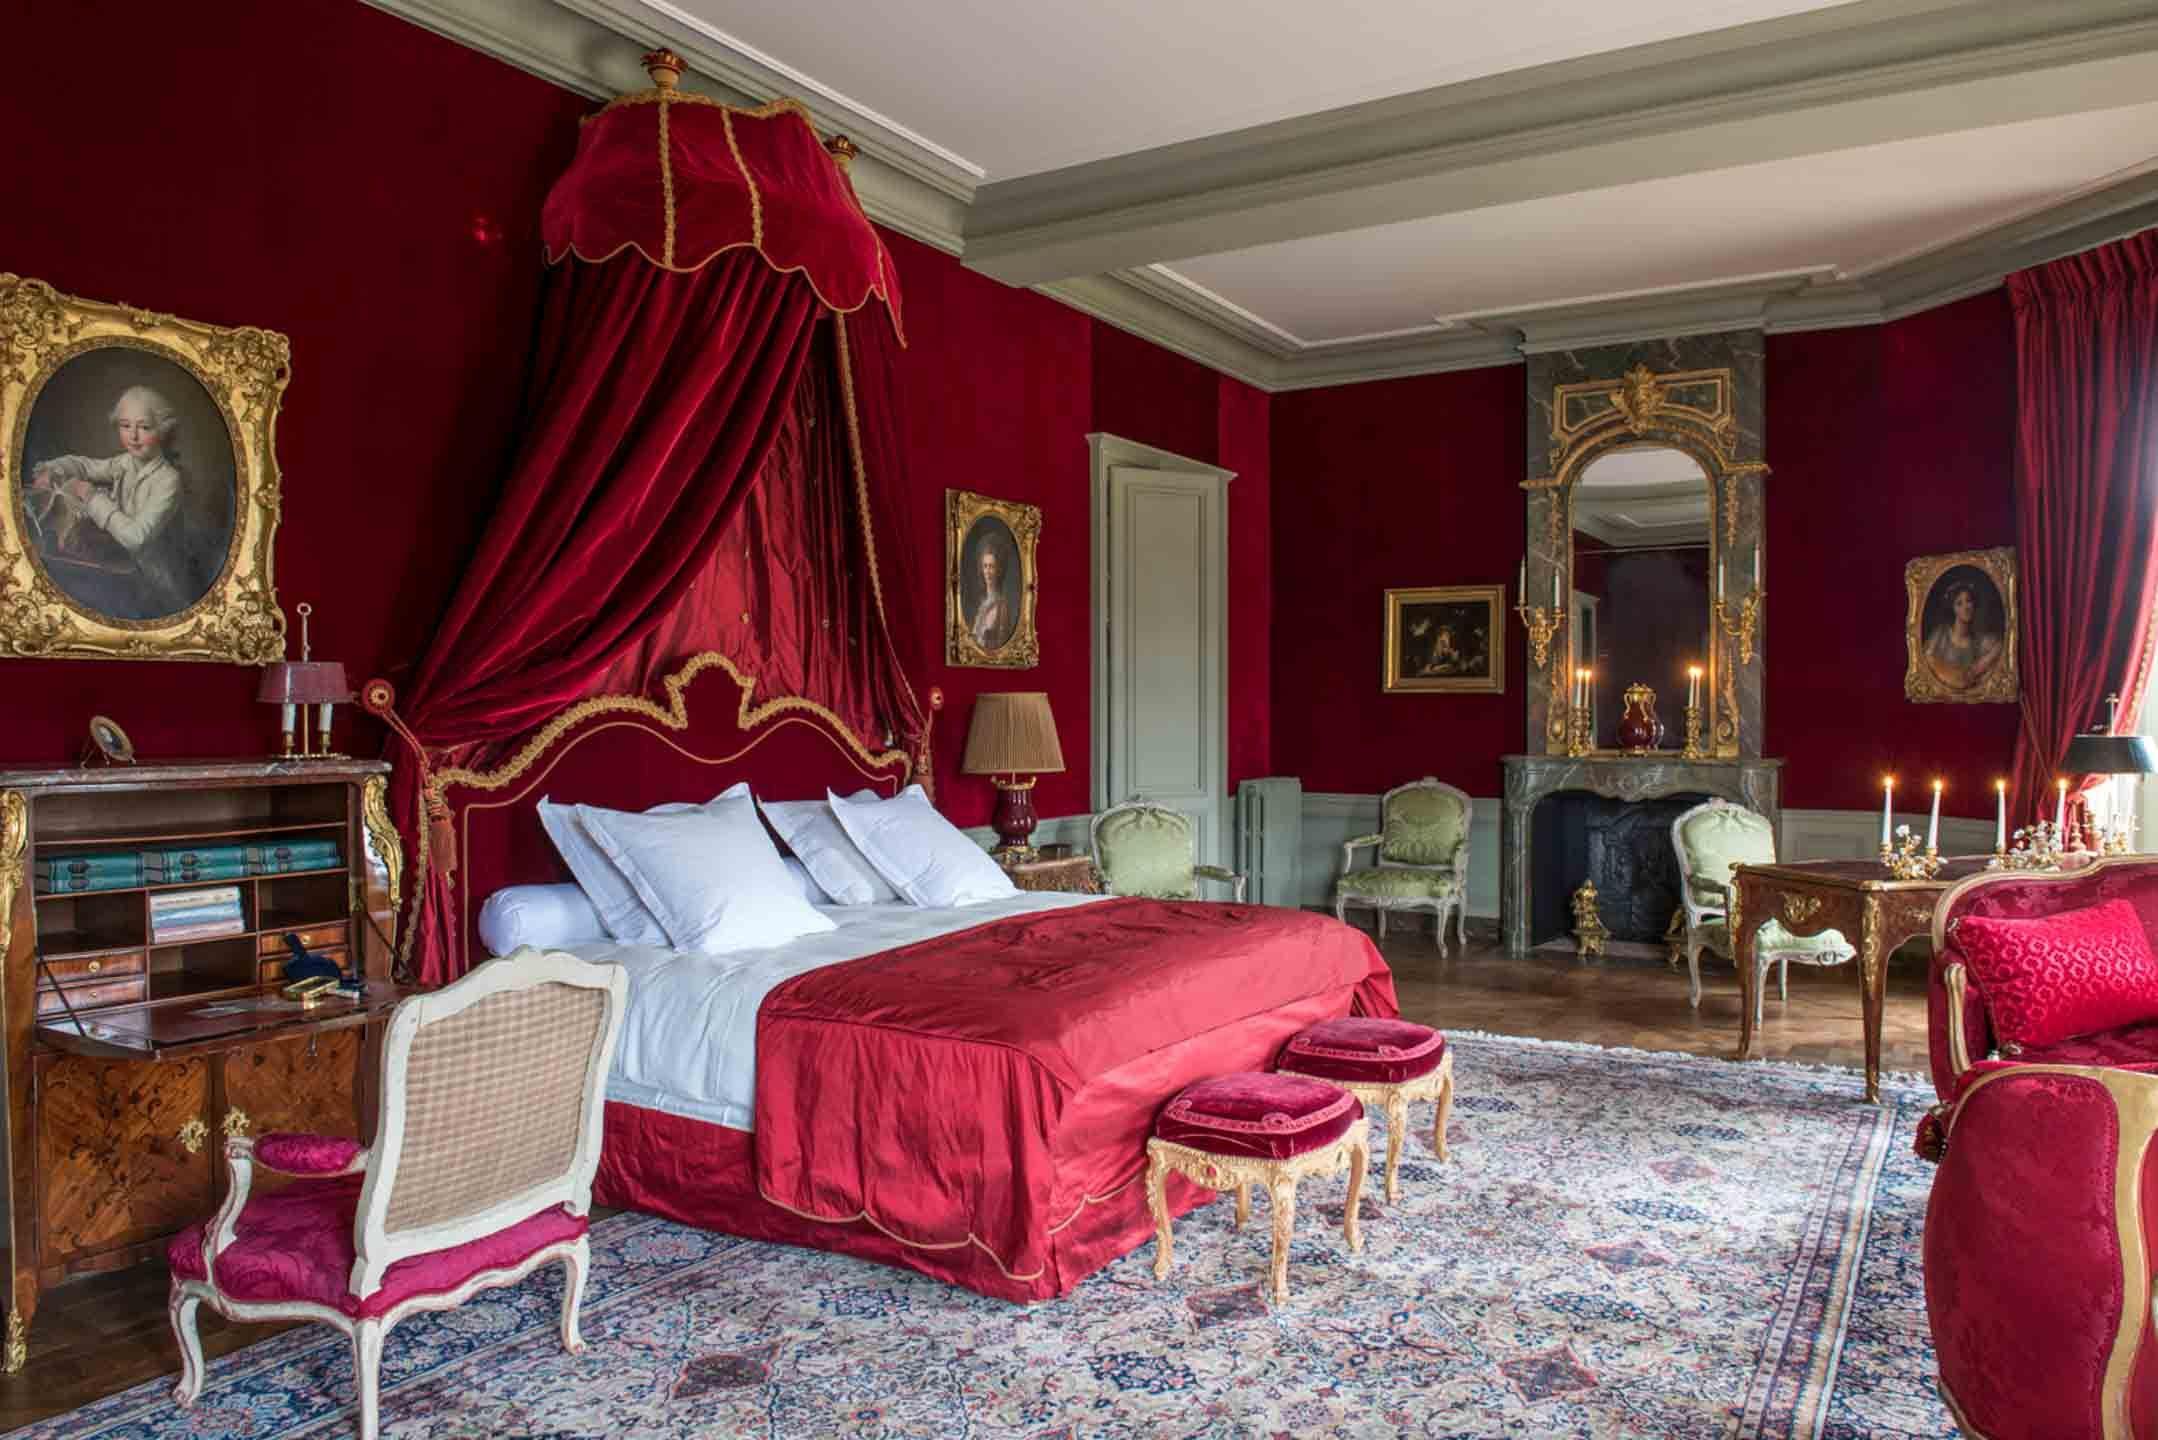 Chateau De Villette Chambre De Chateau Decoration Interieure Deco Maison